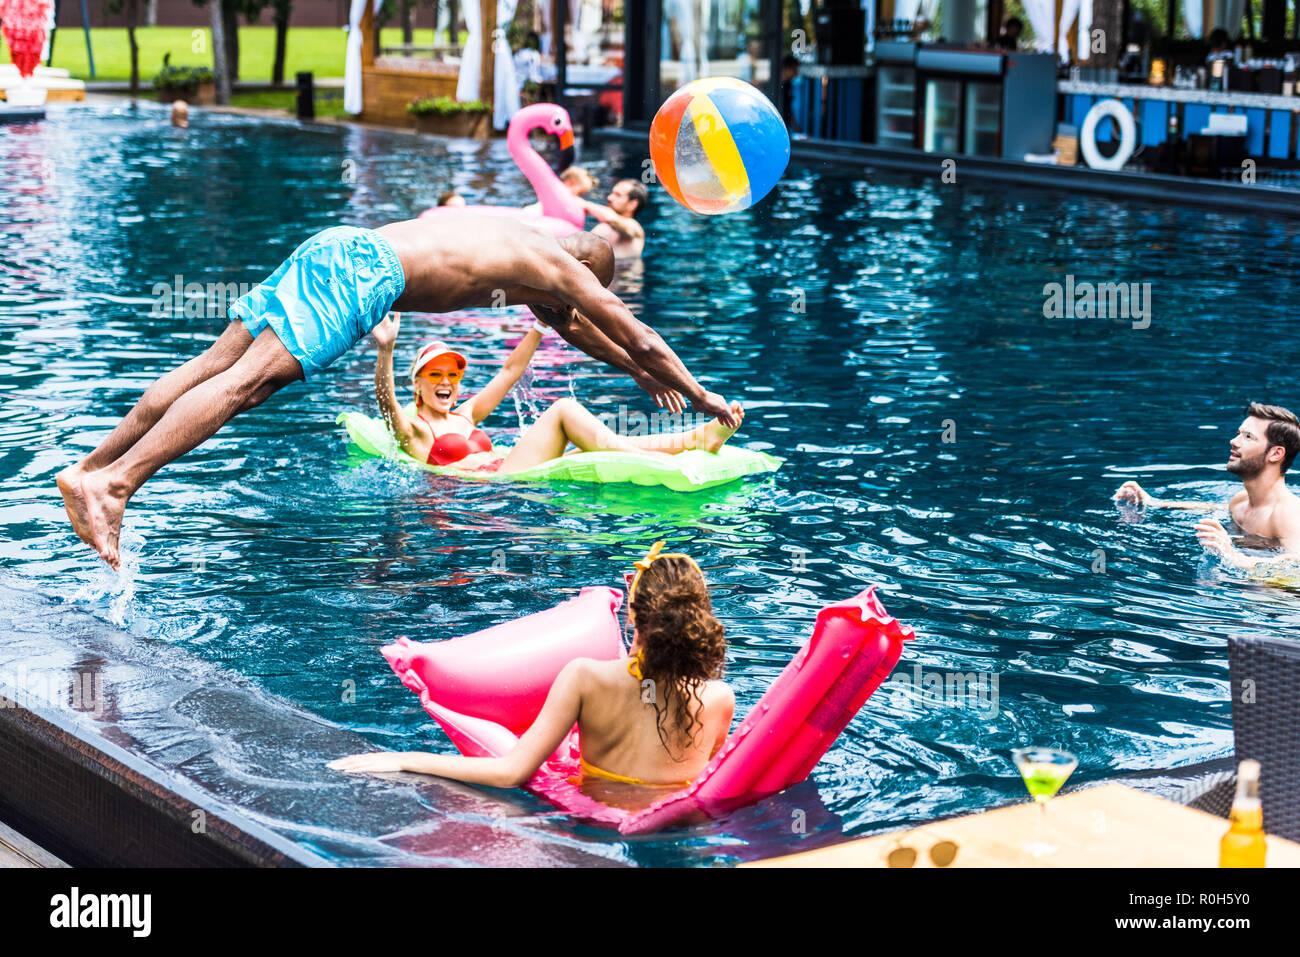 Junger Mann Beim Sprung In Den Pool, Während Seine Weiblichen Freunde Ruht  Auf Aufblasbaren Matratzen